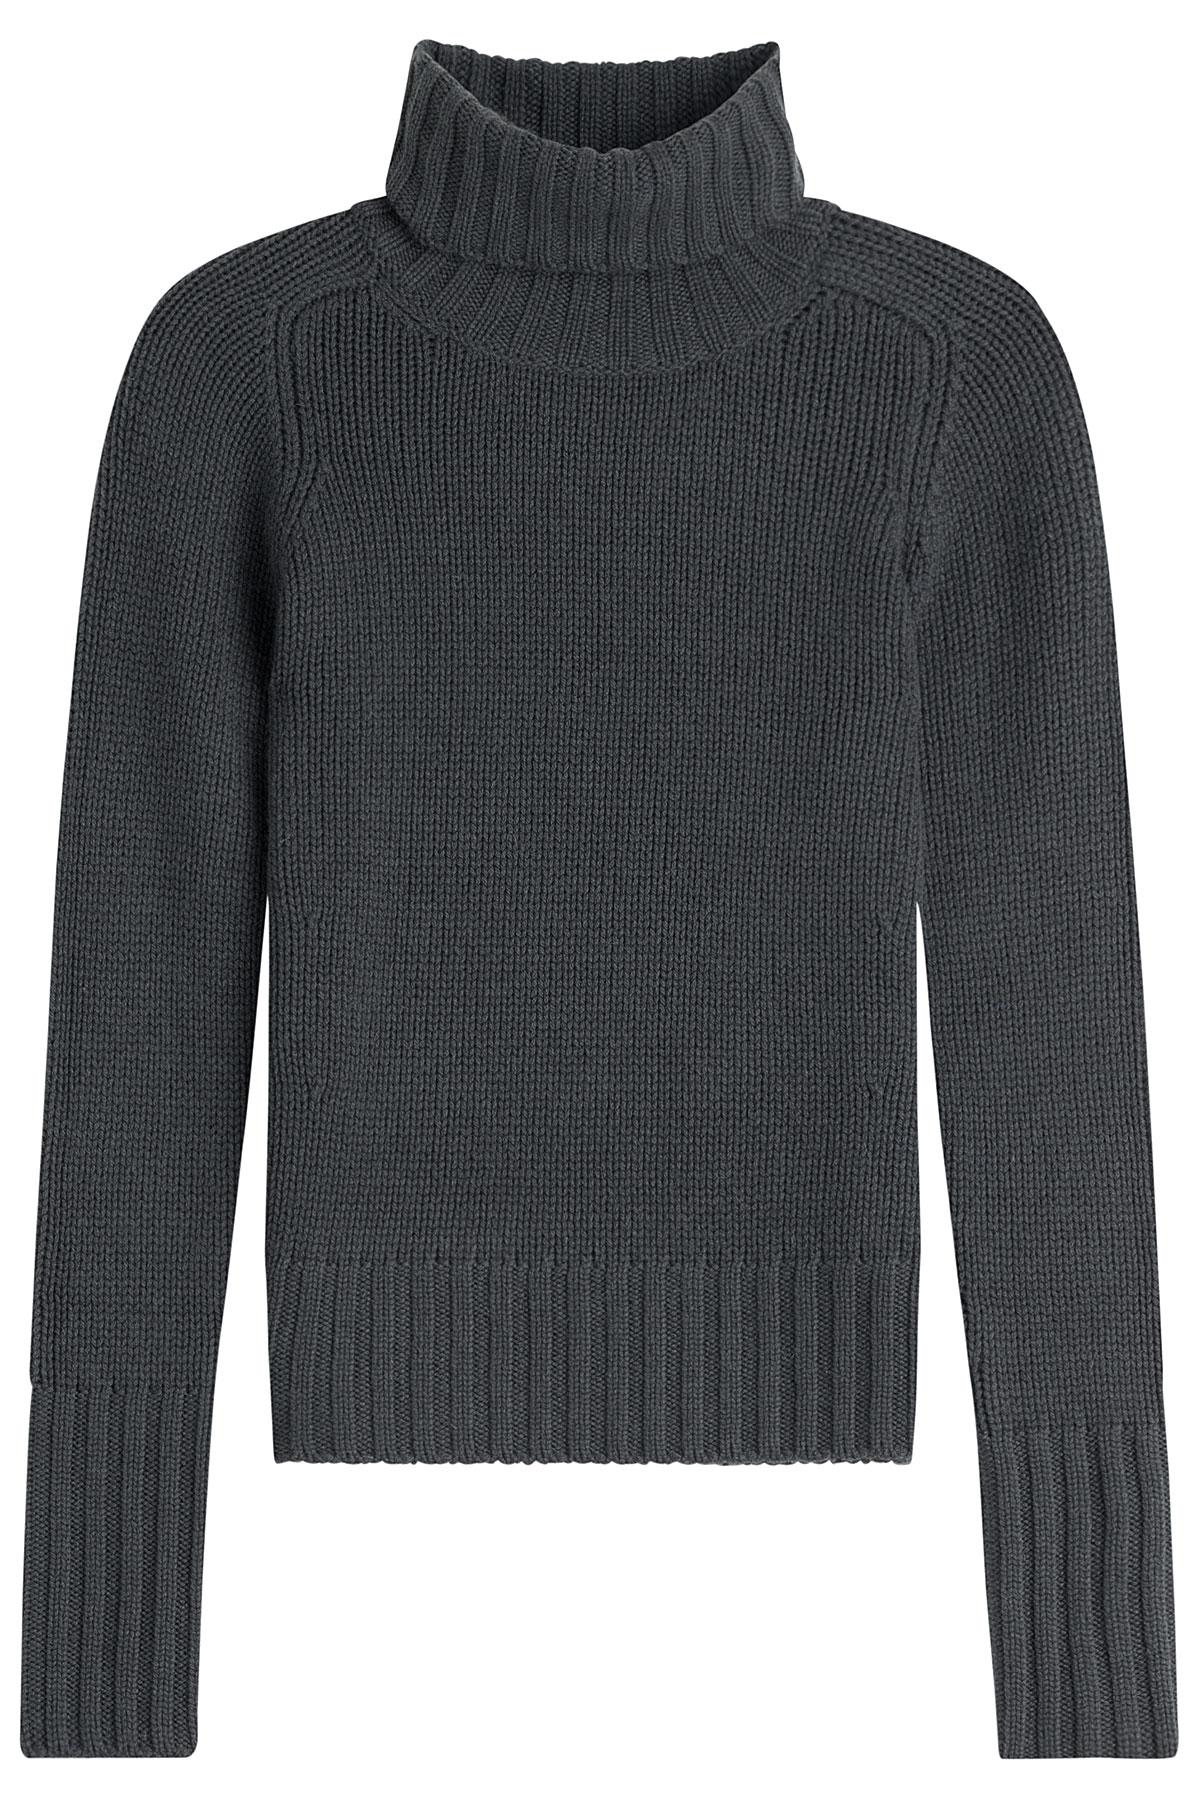 iris von arnim cashmere turtleneck grey in gray lyst. Black Bedroom Furniture Sets. Home Design Ideas